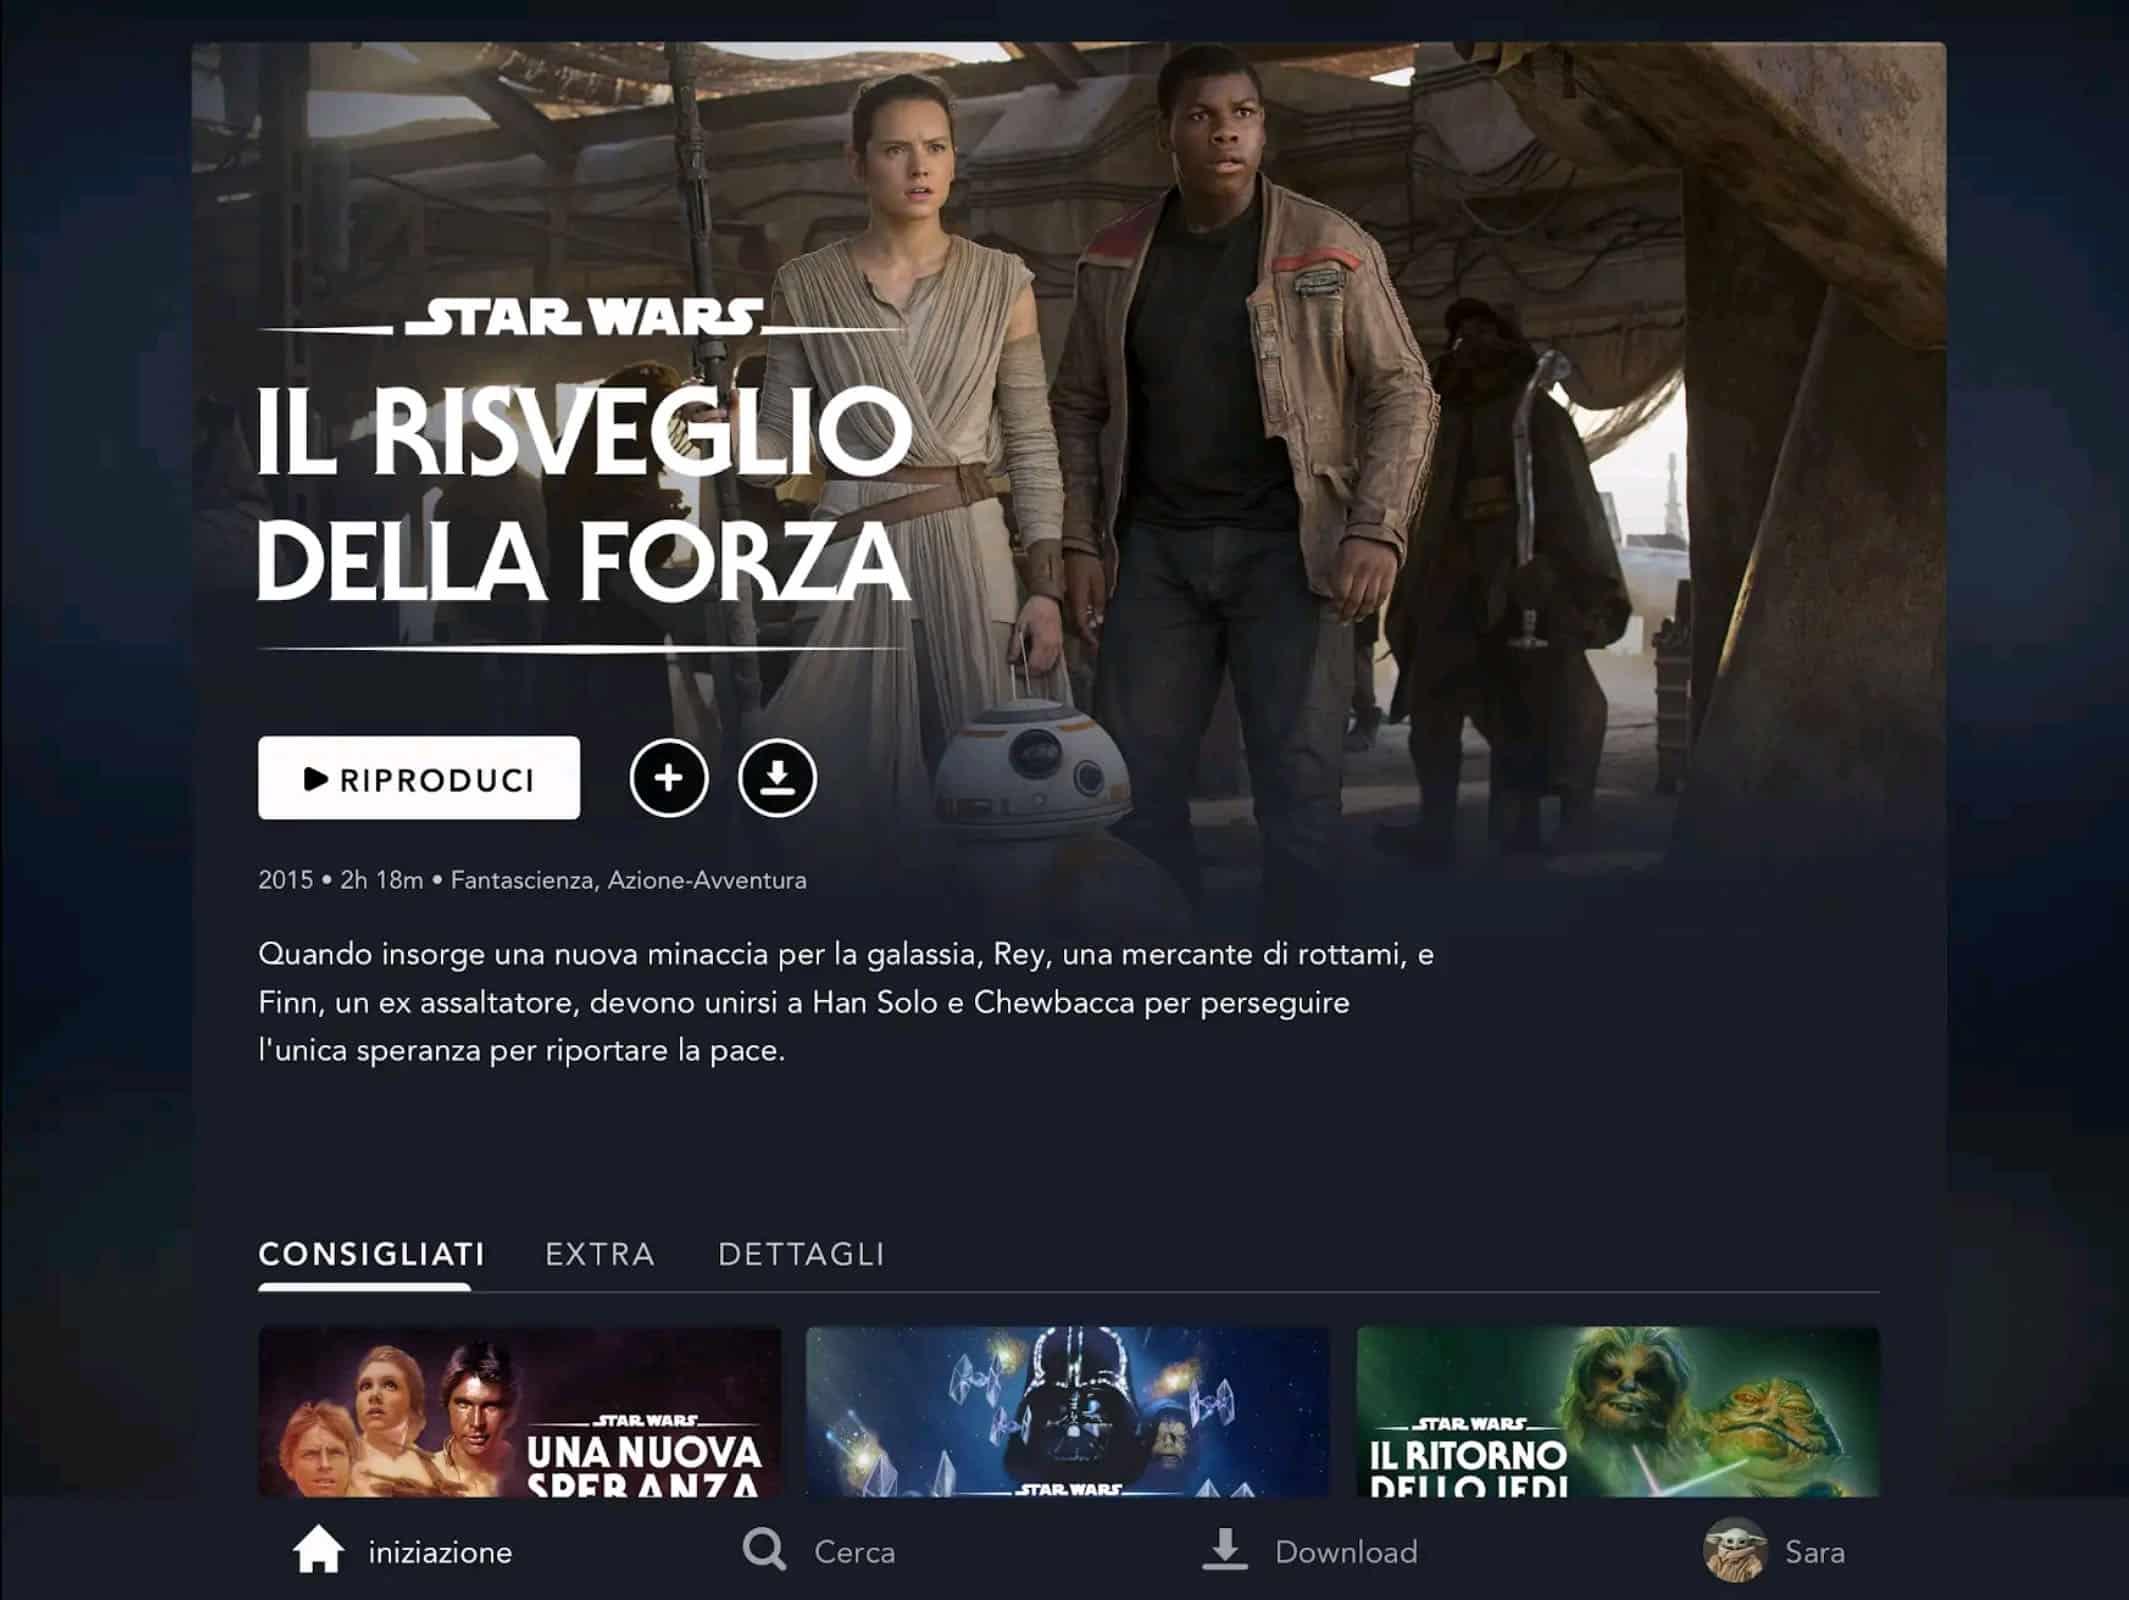 Disney Plus Star Wars Il Risveglio della Forza